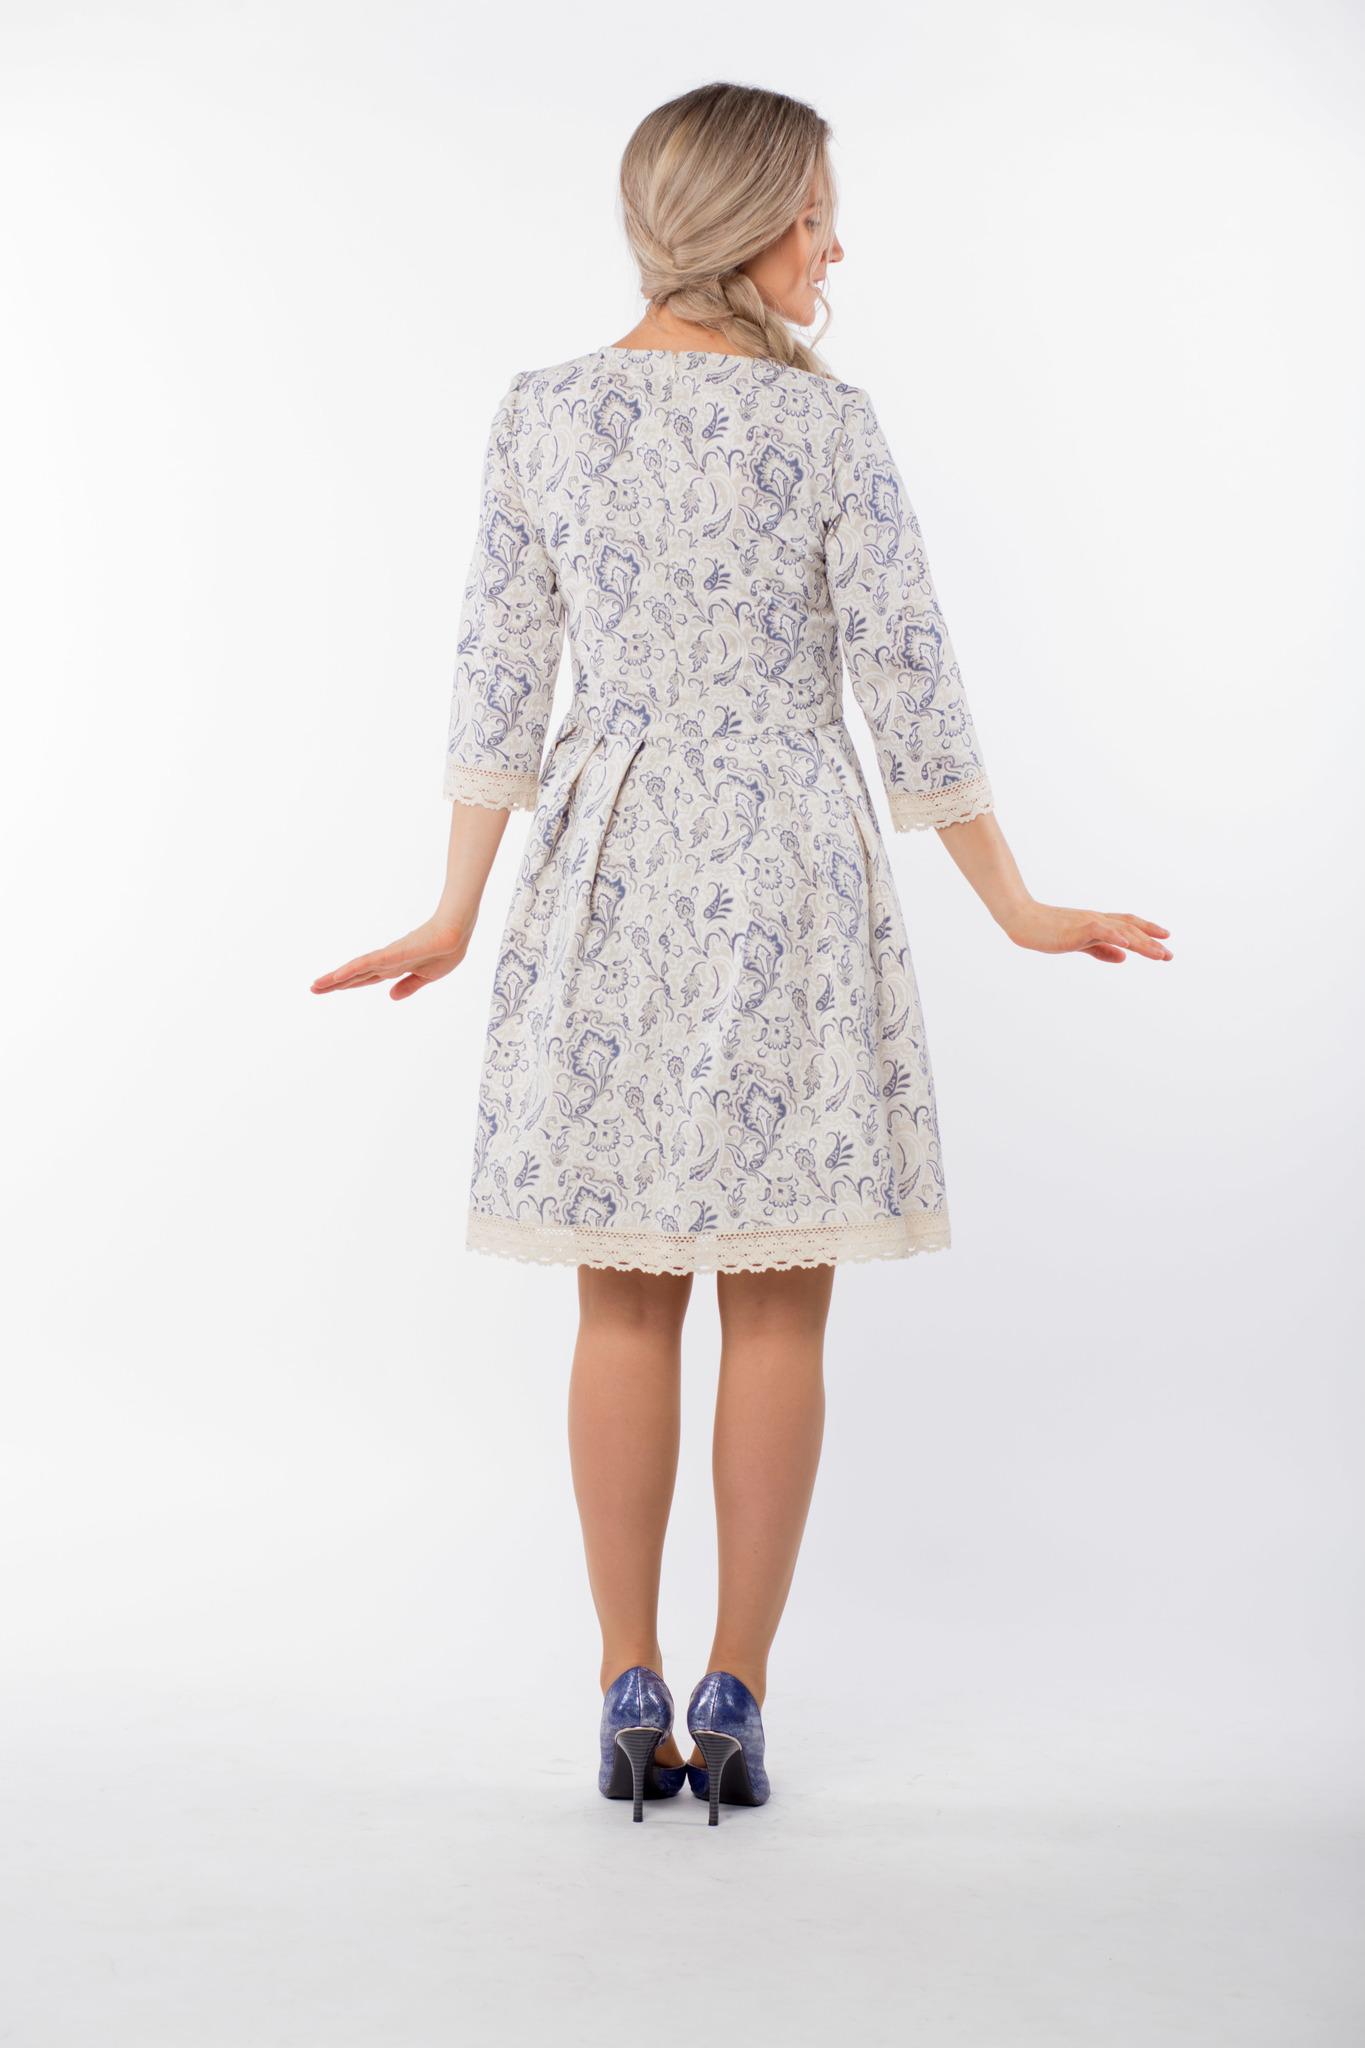 Платье льняное Первоцвет вид сзади